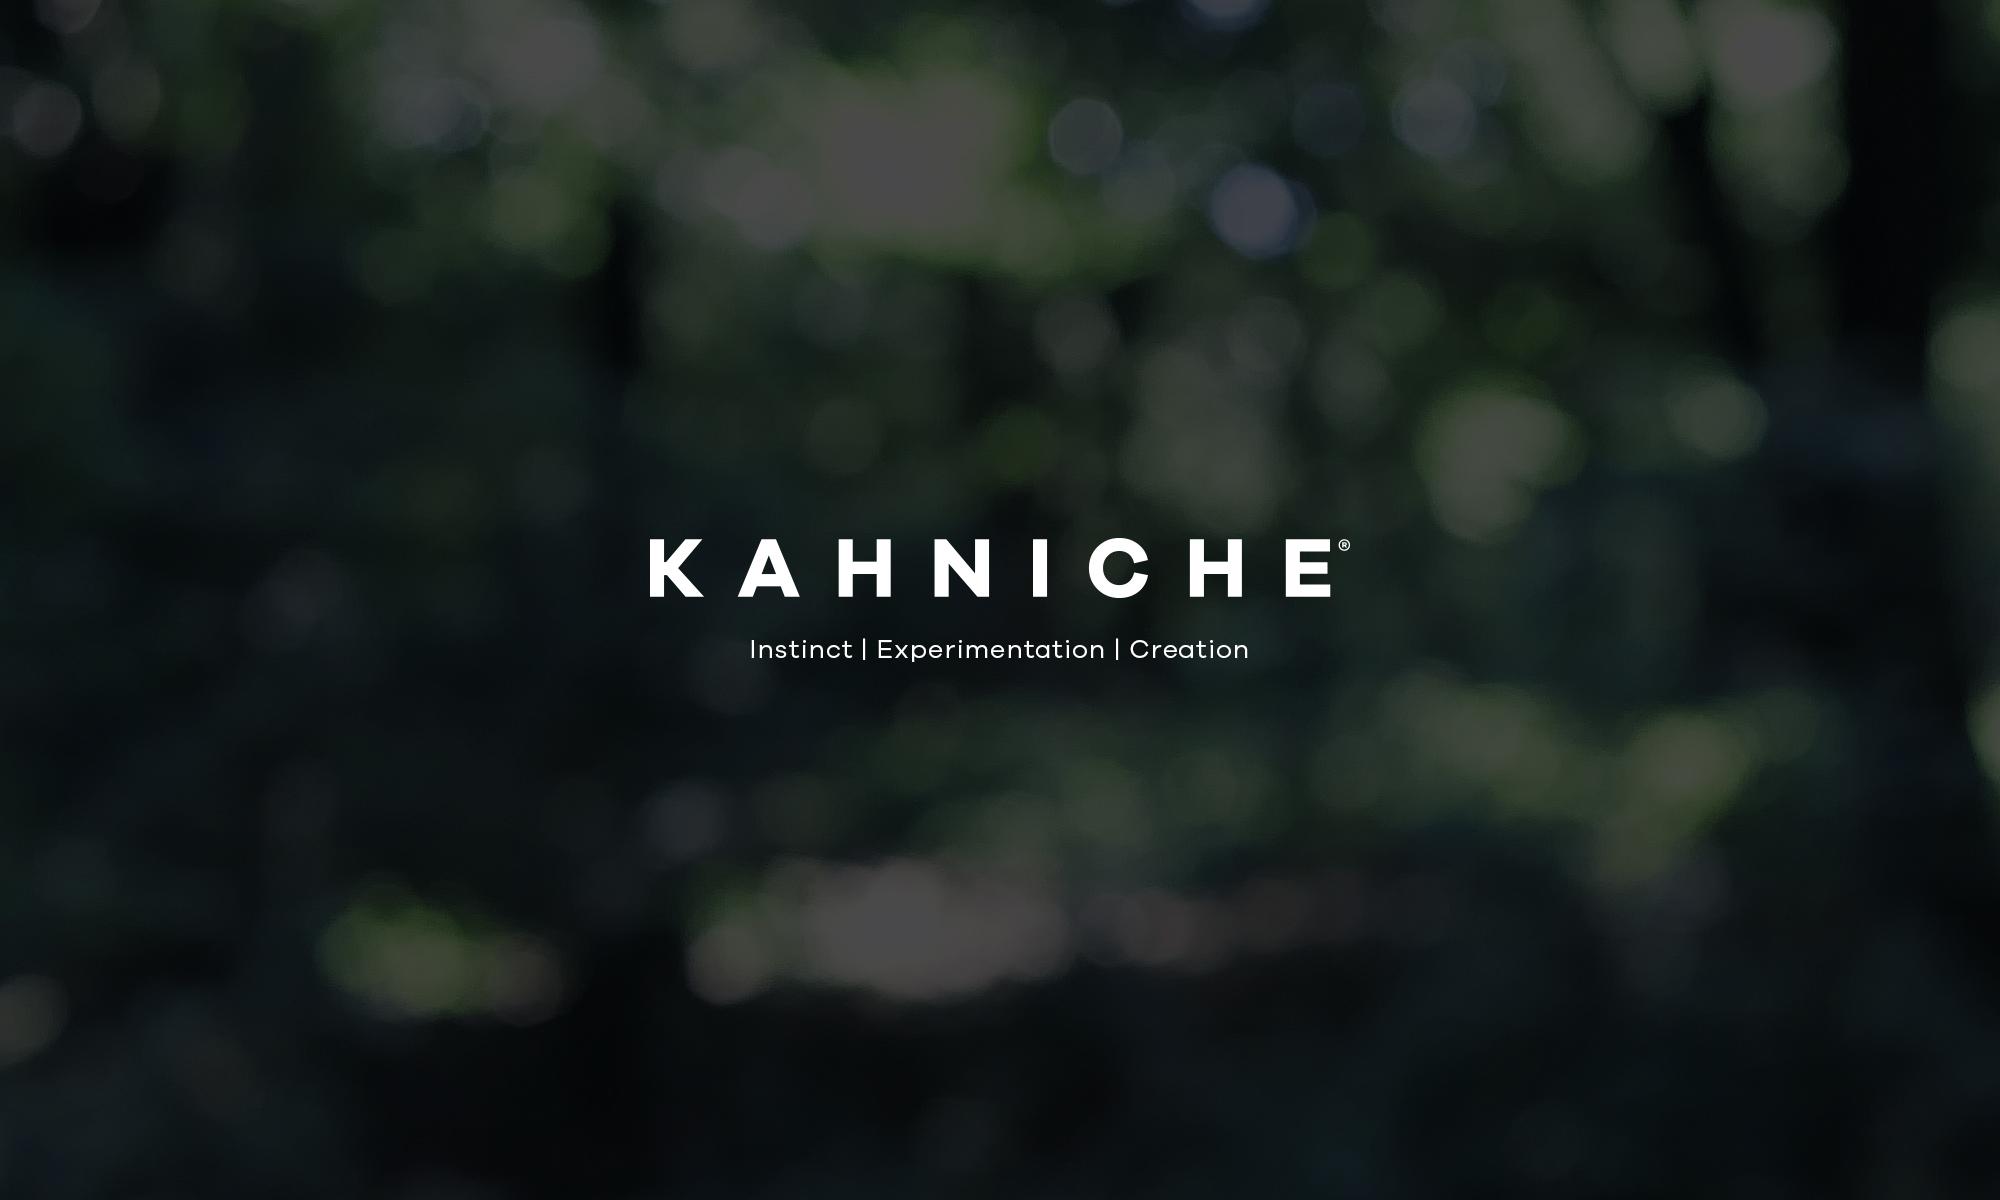 KAHNICHE